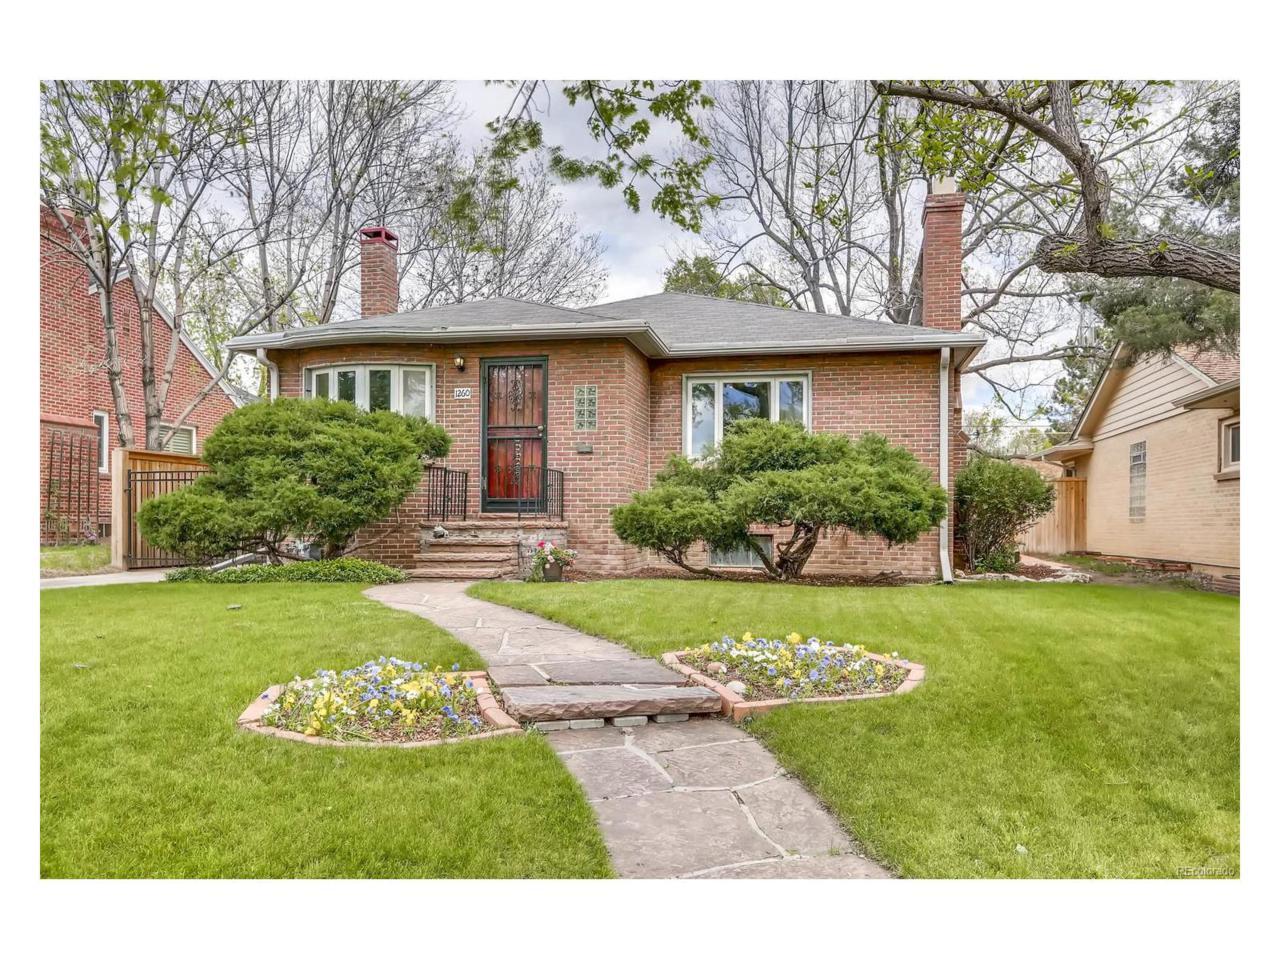 1260 Forest Street, Denver, CO 80220 (MLS #3143624) :: 8z Real Estate